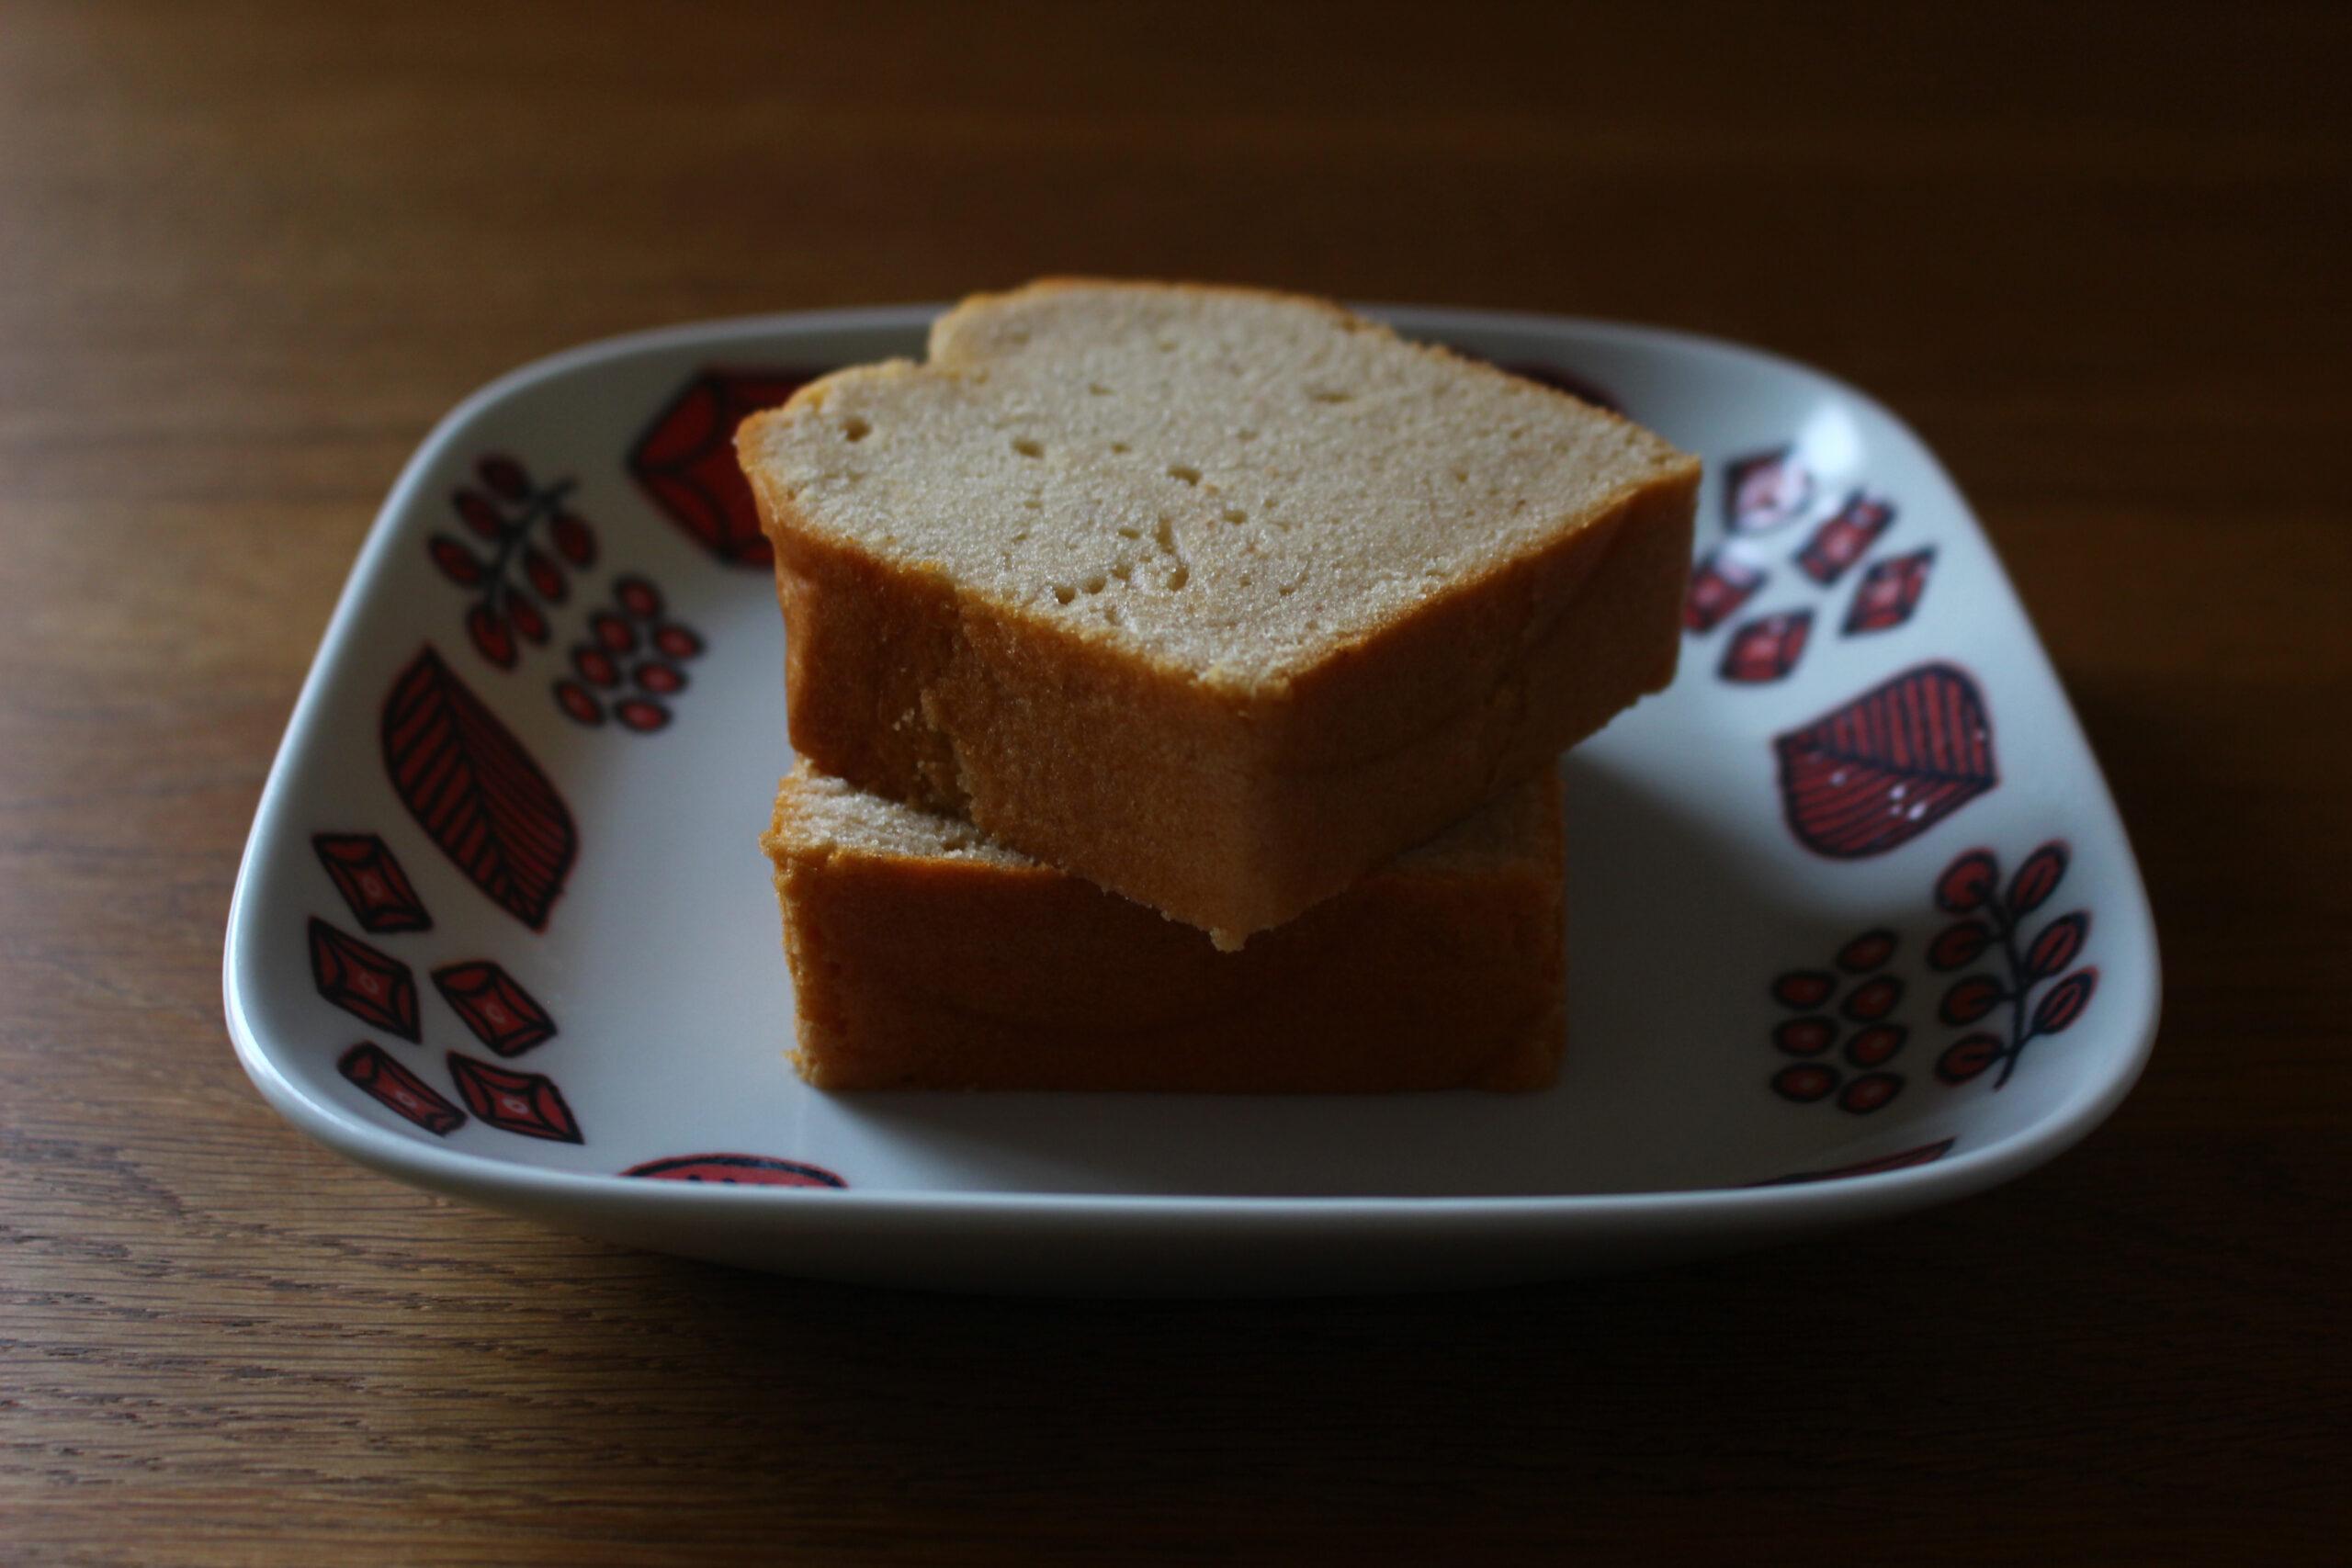 金時豆のあんこケーキ